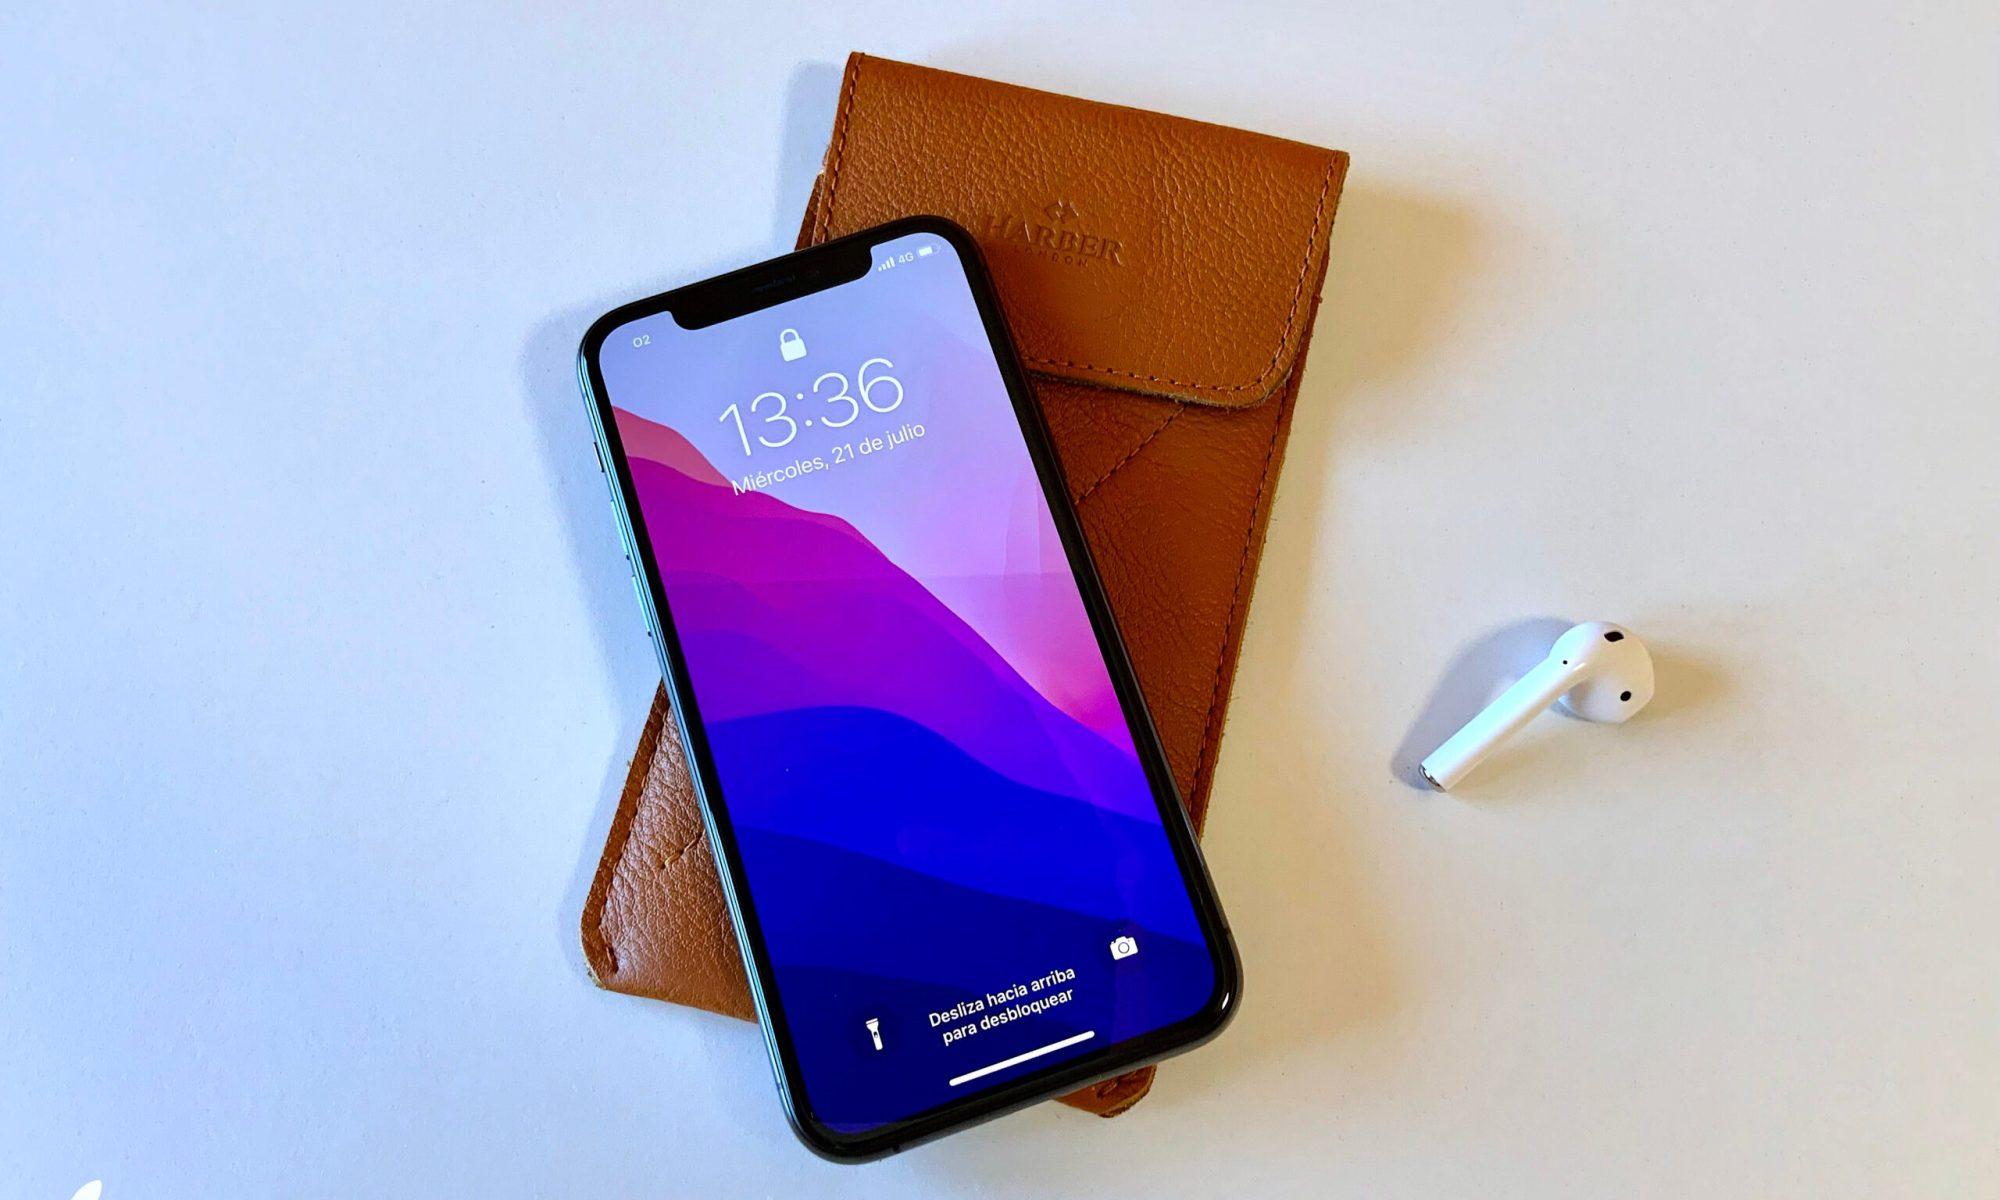 Análisis: Magnetic Envelope Sleeve para iPhone de Harber London, una buena forma llevar nuestro iPhone con todo el lujo que se merece